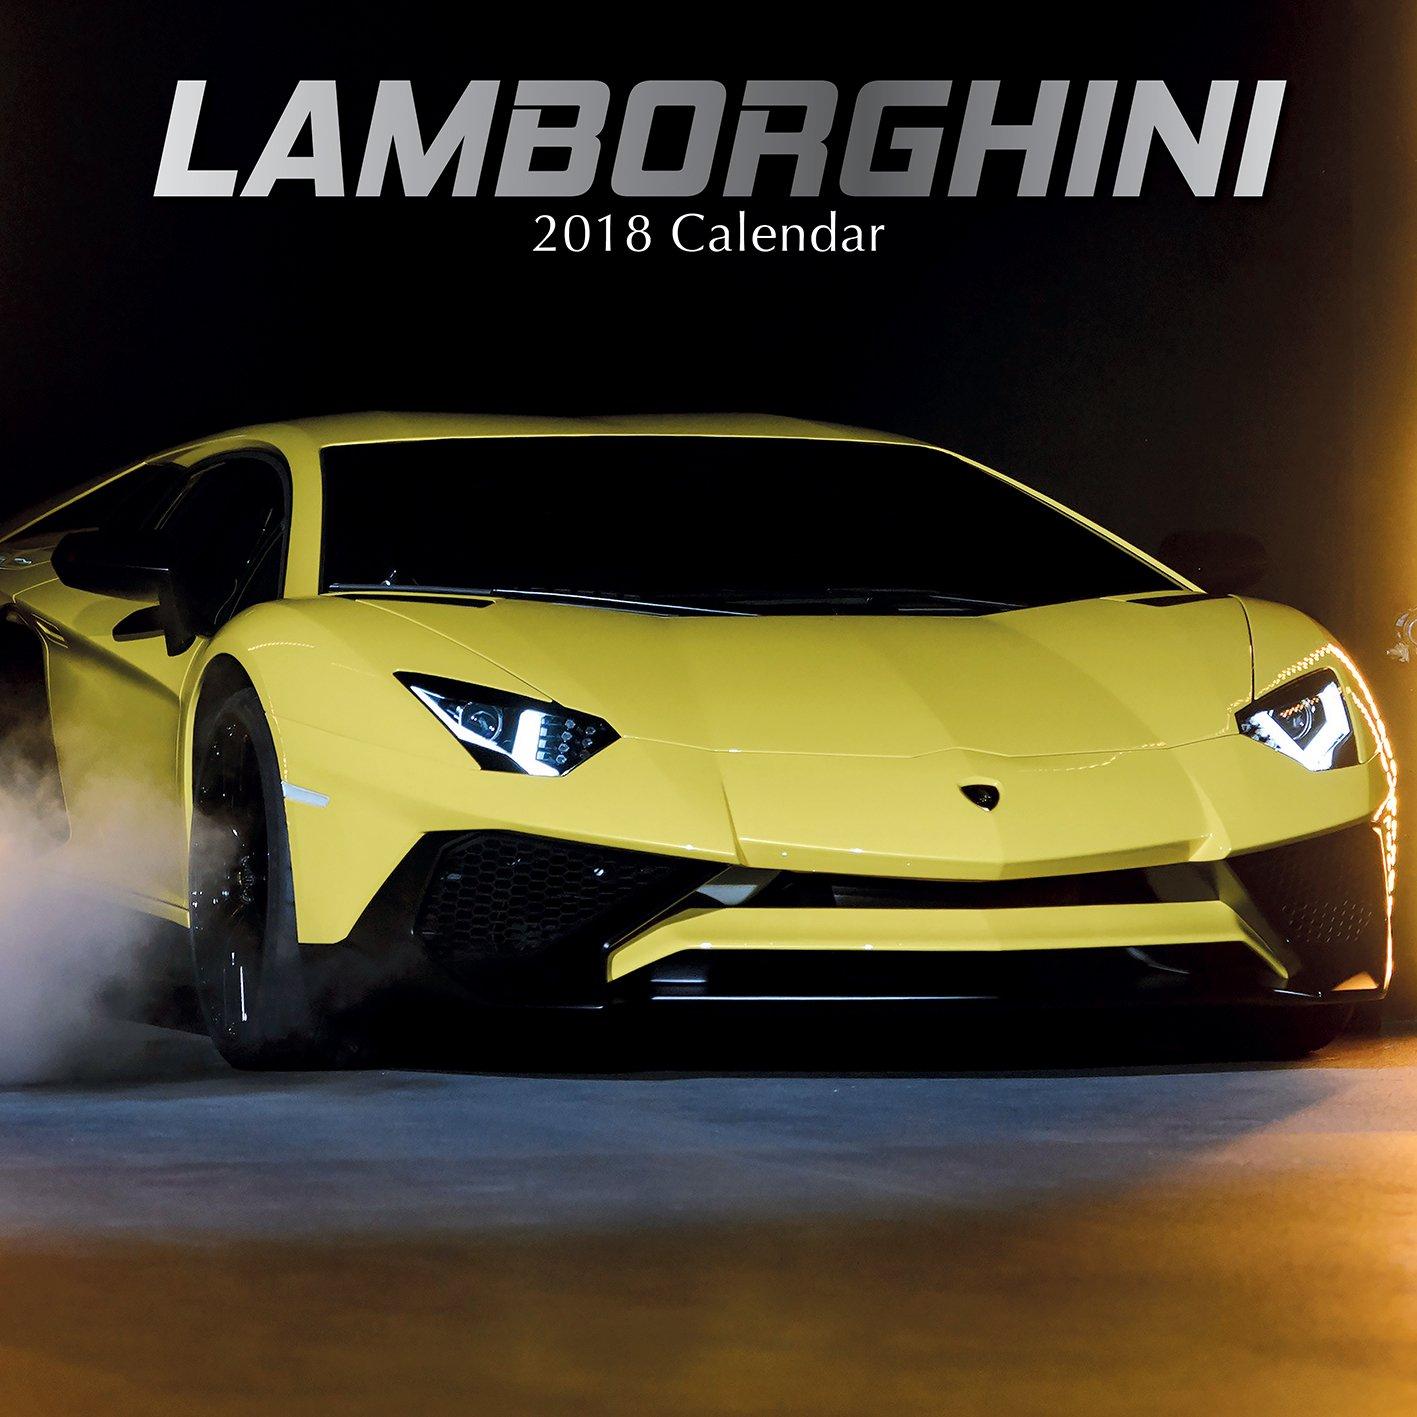 Amazon.com : 2018 Lamborghini Calendar - 12 x 12 Wall Calendar ...